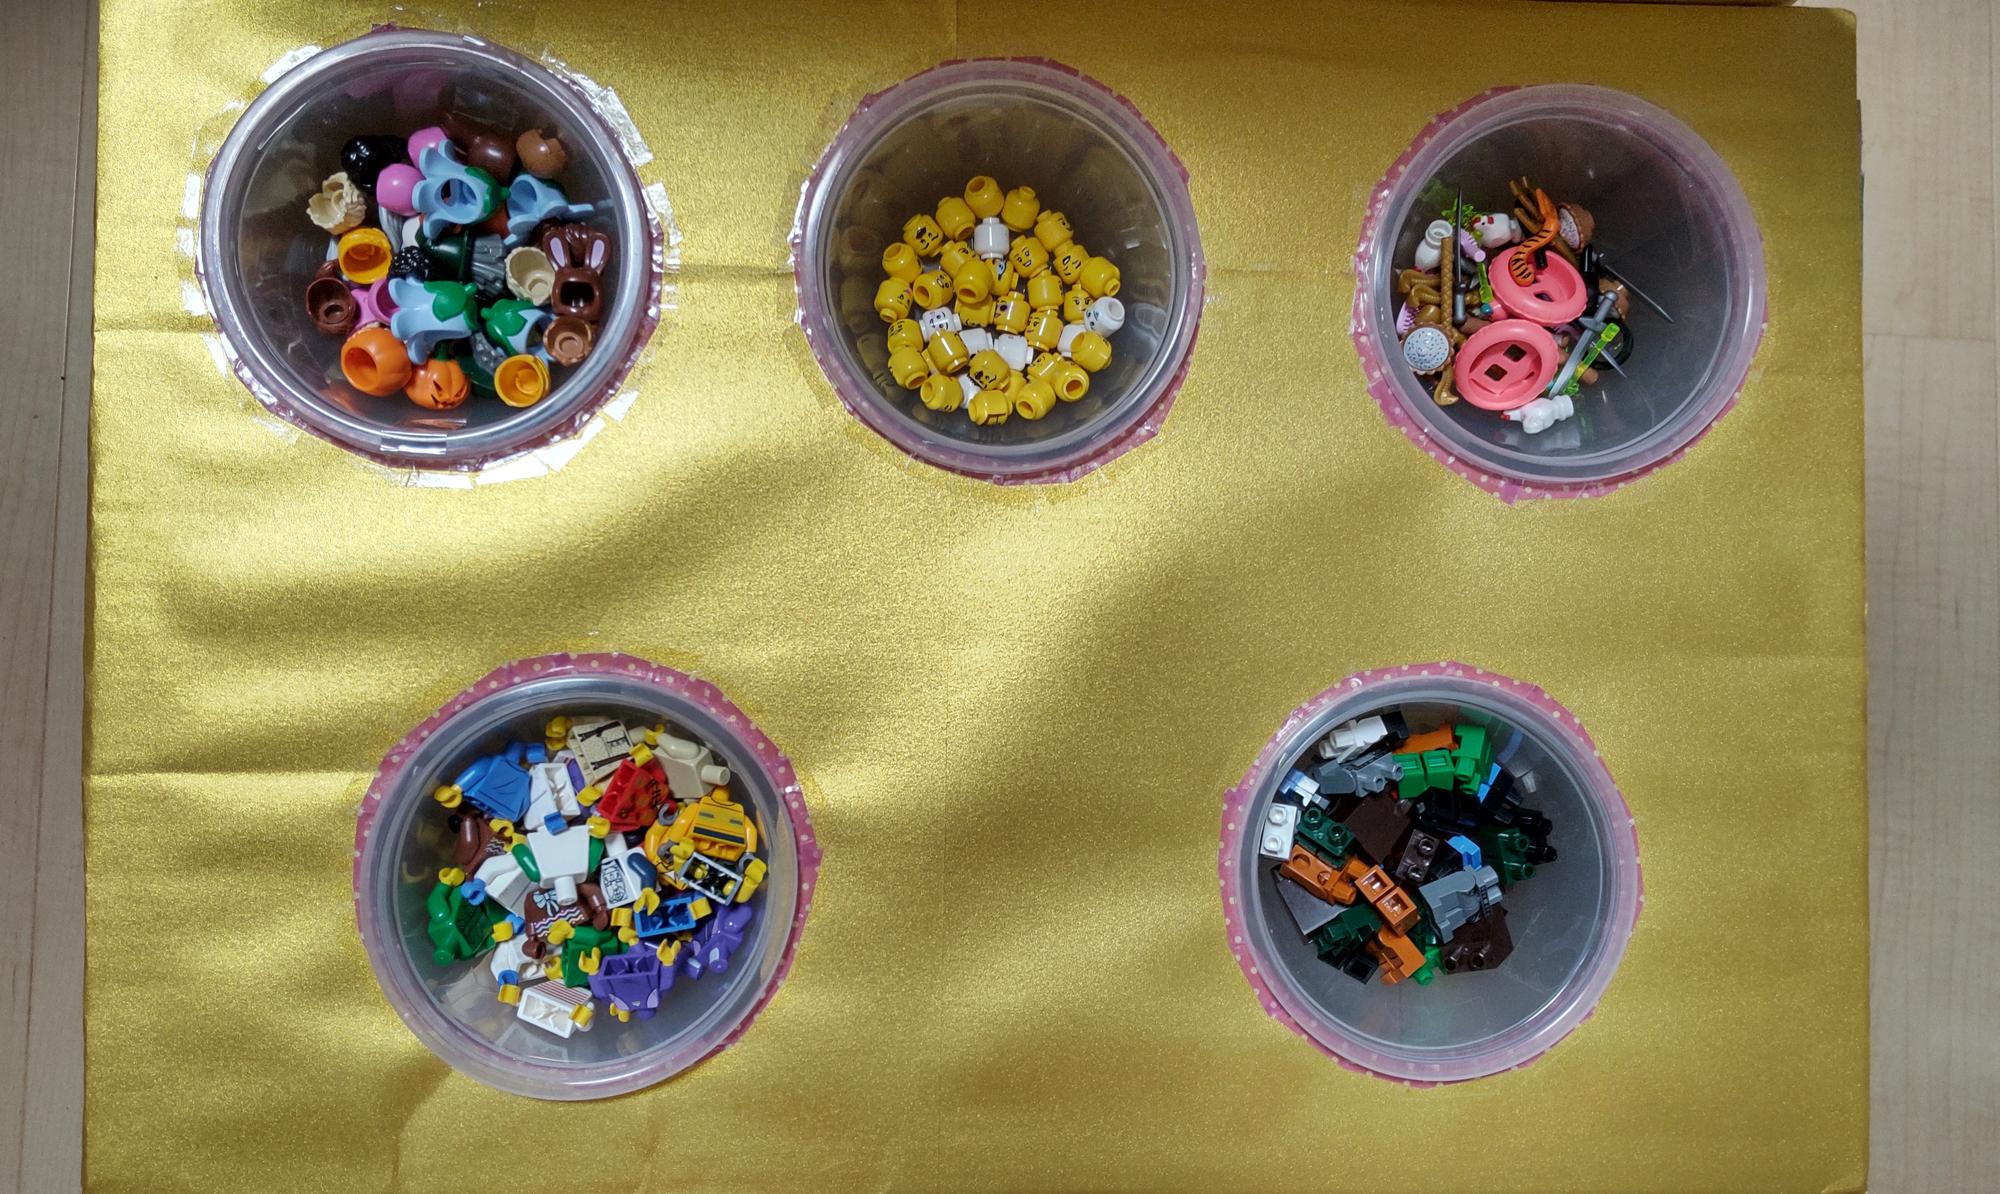 自宅でビルド・ア・ミニフィグ(BAM)!今の時代におすすめのレゴ遊びが楽しすぎる